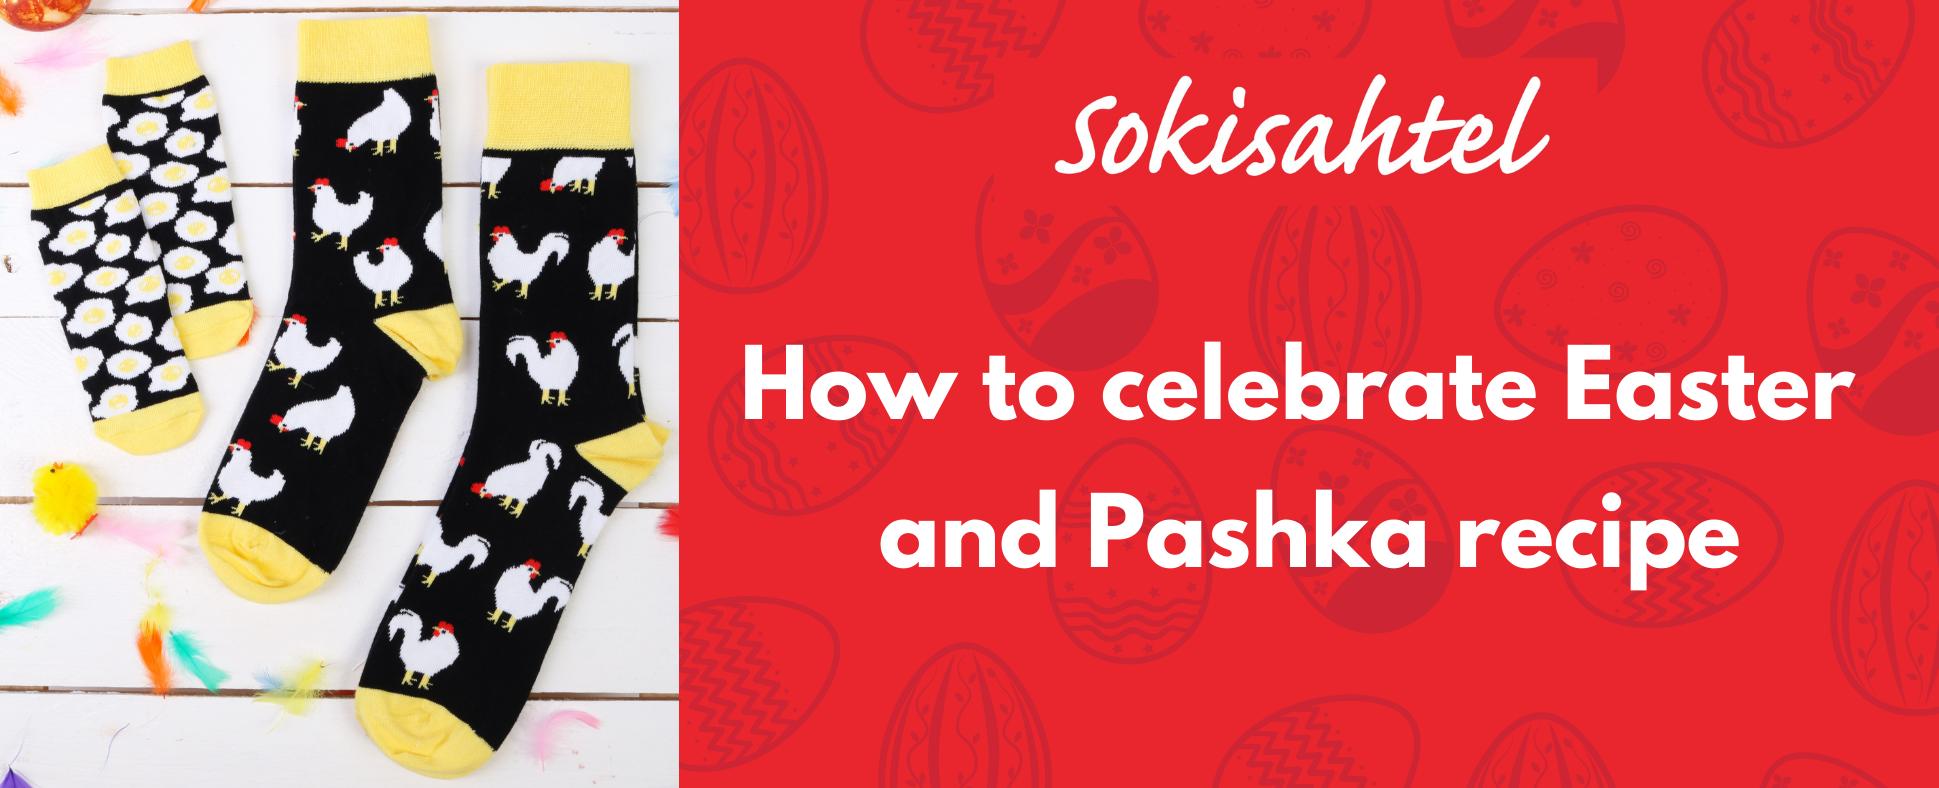 Sokisahtel-easter-pashka-recipe